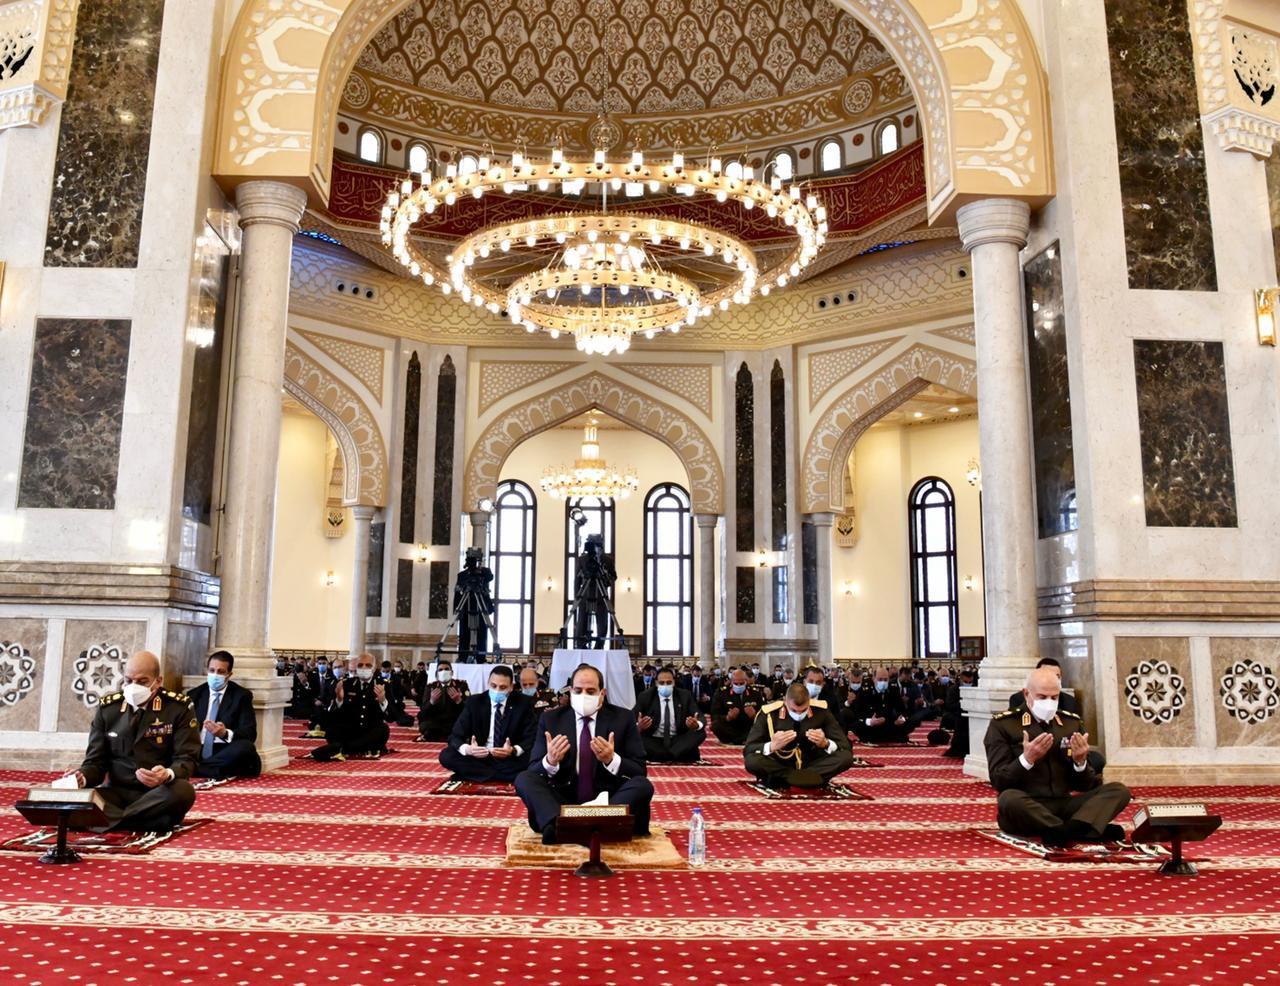 أداء الرئيس السيسي صلاة الجمعة بمسجد المشير احتفالًا بيوم الشهيد يتصدر اهتمامات صحف القاهرة